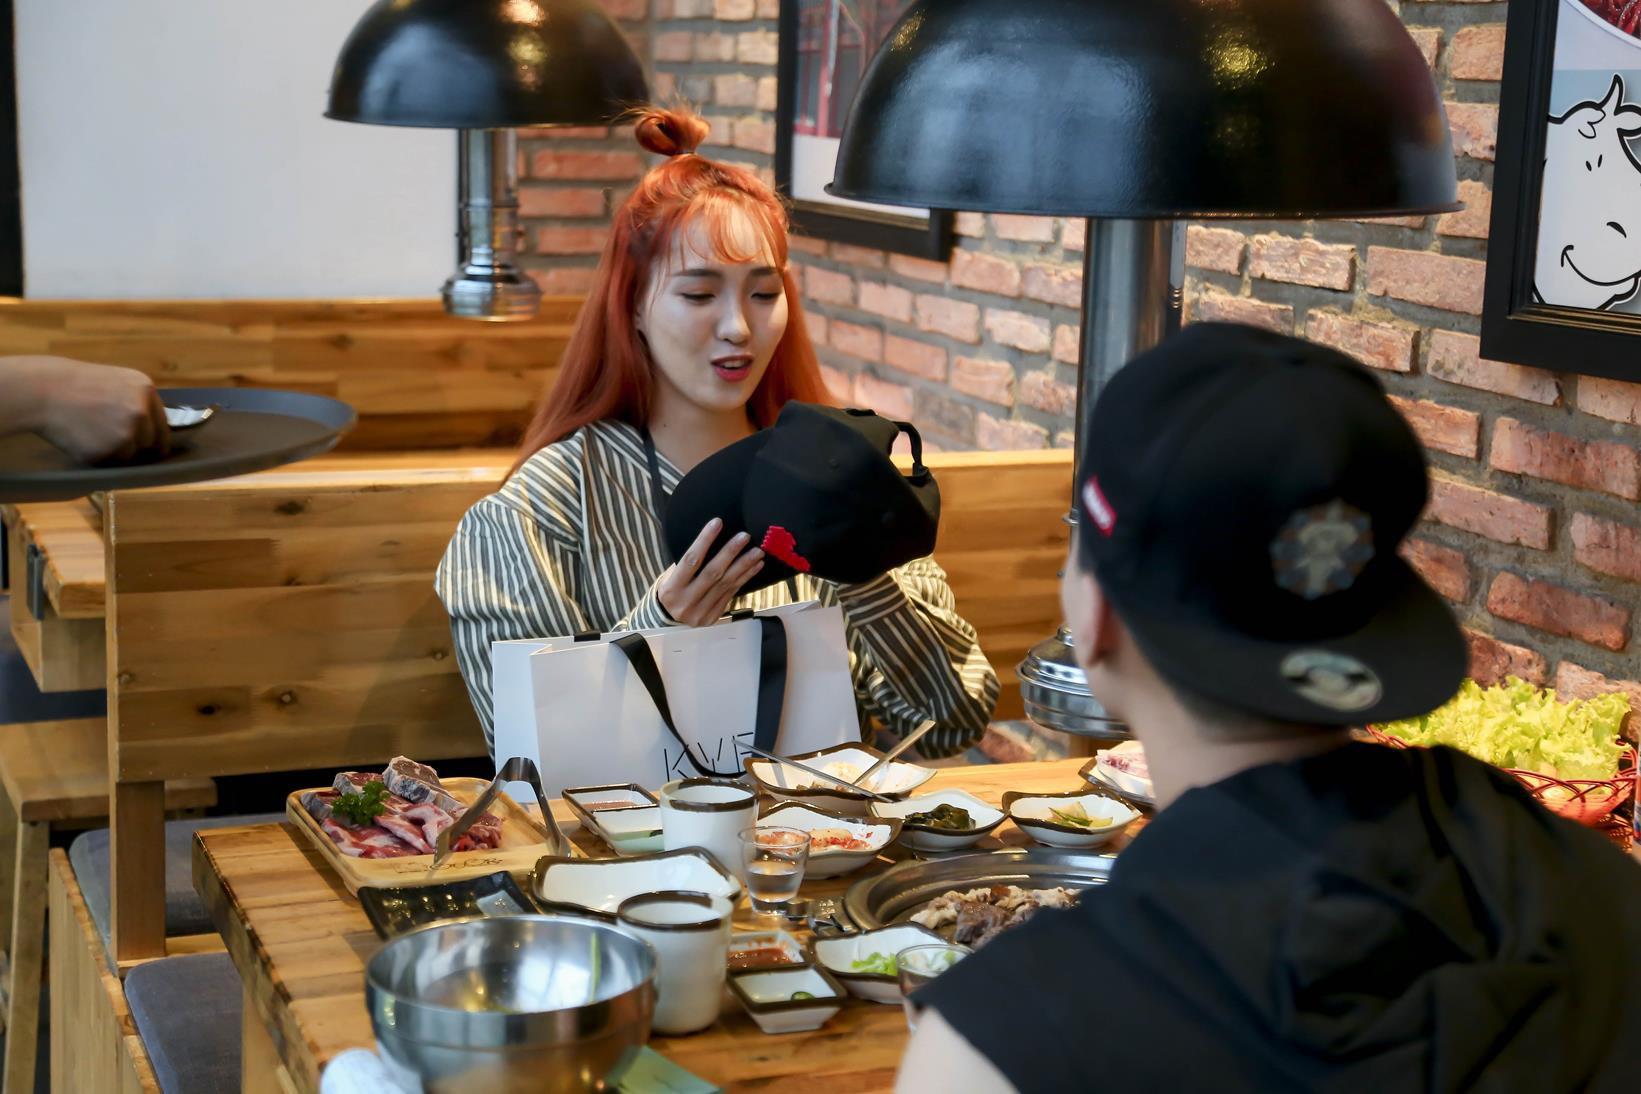 Vừa mới công khai bạn gái, Huỳnh Anh đã vui vẻ đi ăn với người đẹp khác - Ảnh 5.